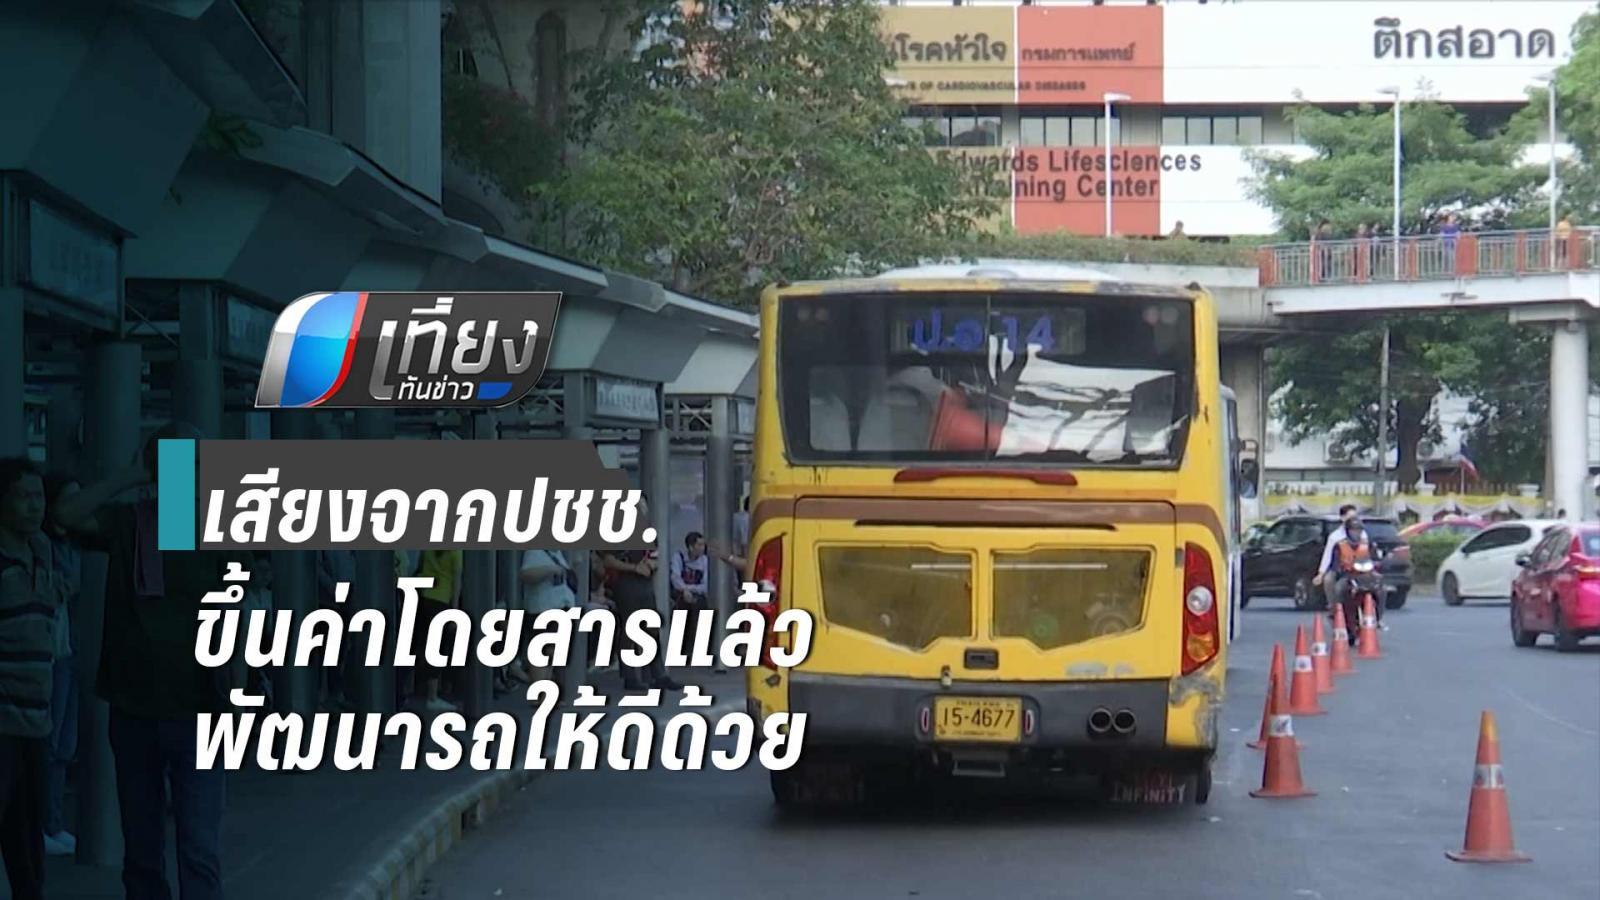 รถเมล์ขึ้นค่าโดยสารวันแรก ประชาชนอยากได้บริการดีขึ้น